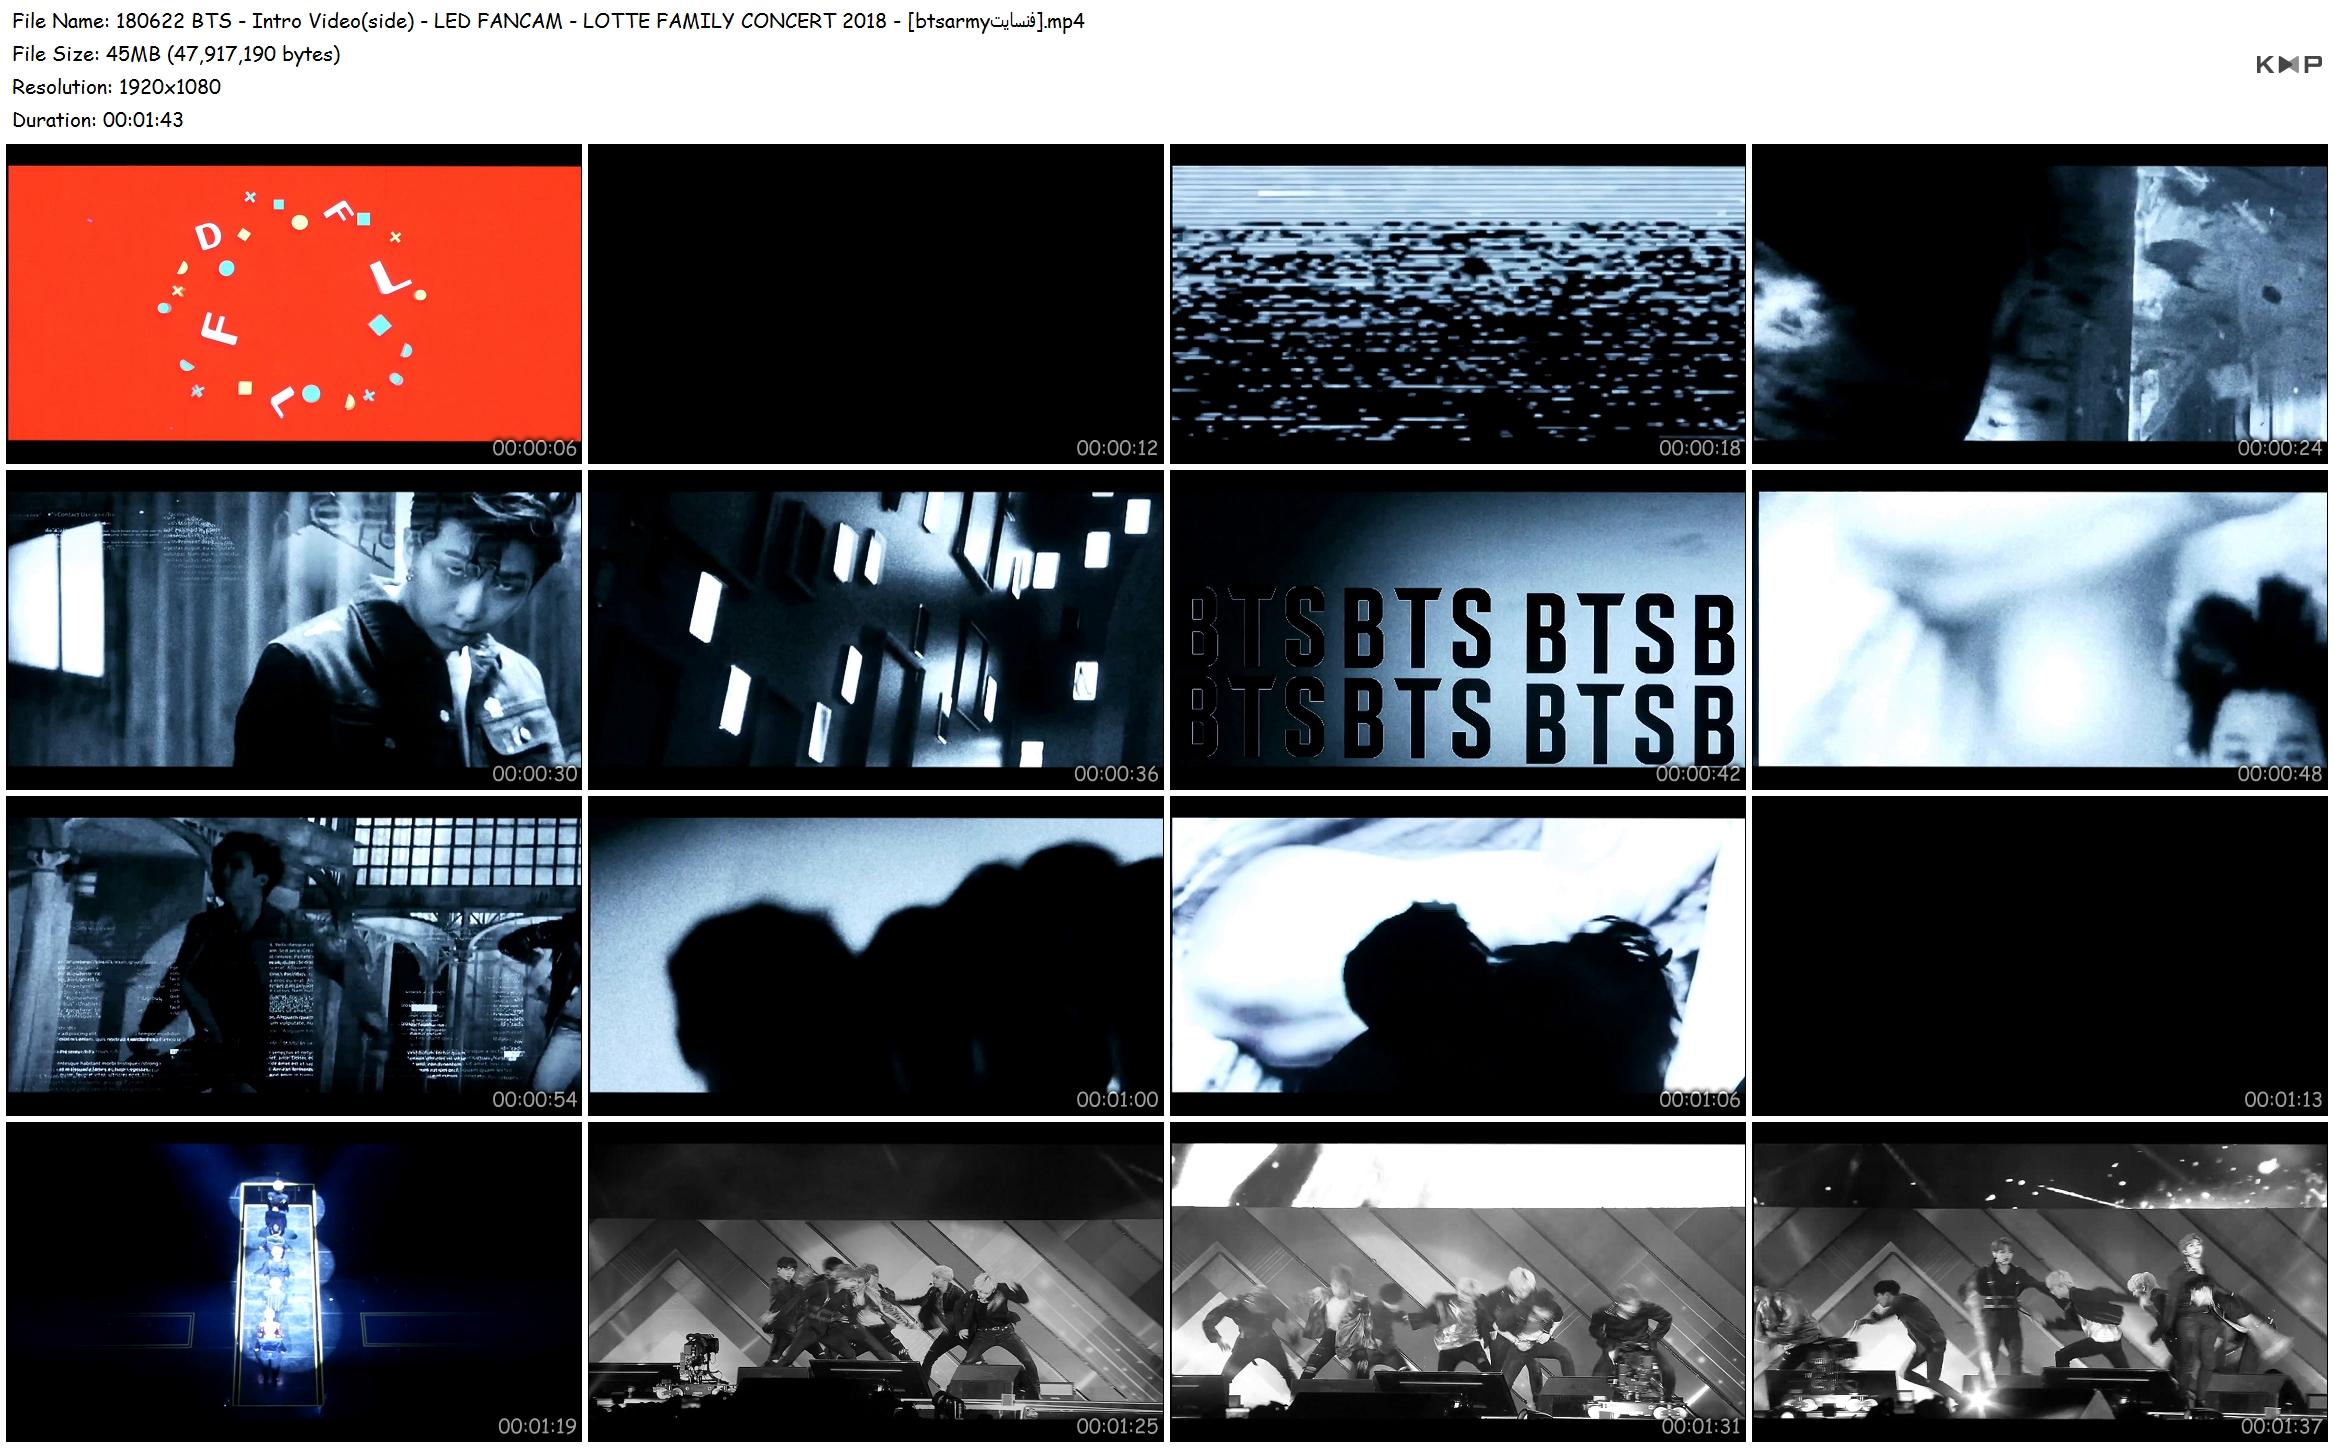 unj1 180622 bts   intro video(side)   led fancam   lotte family concert 2018   [btsarmy%D9%81%D9%86%D8%B3%D8%A7%DB%8C%D8%AA] - [Video/Fancam] BTS at The 27th Lotte Family Concert [180622]